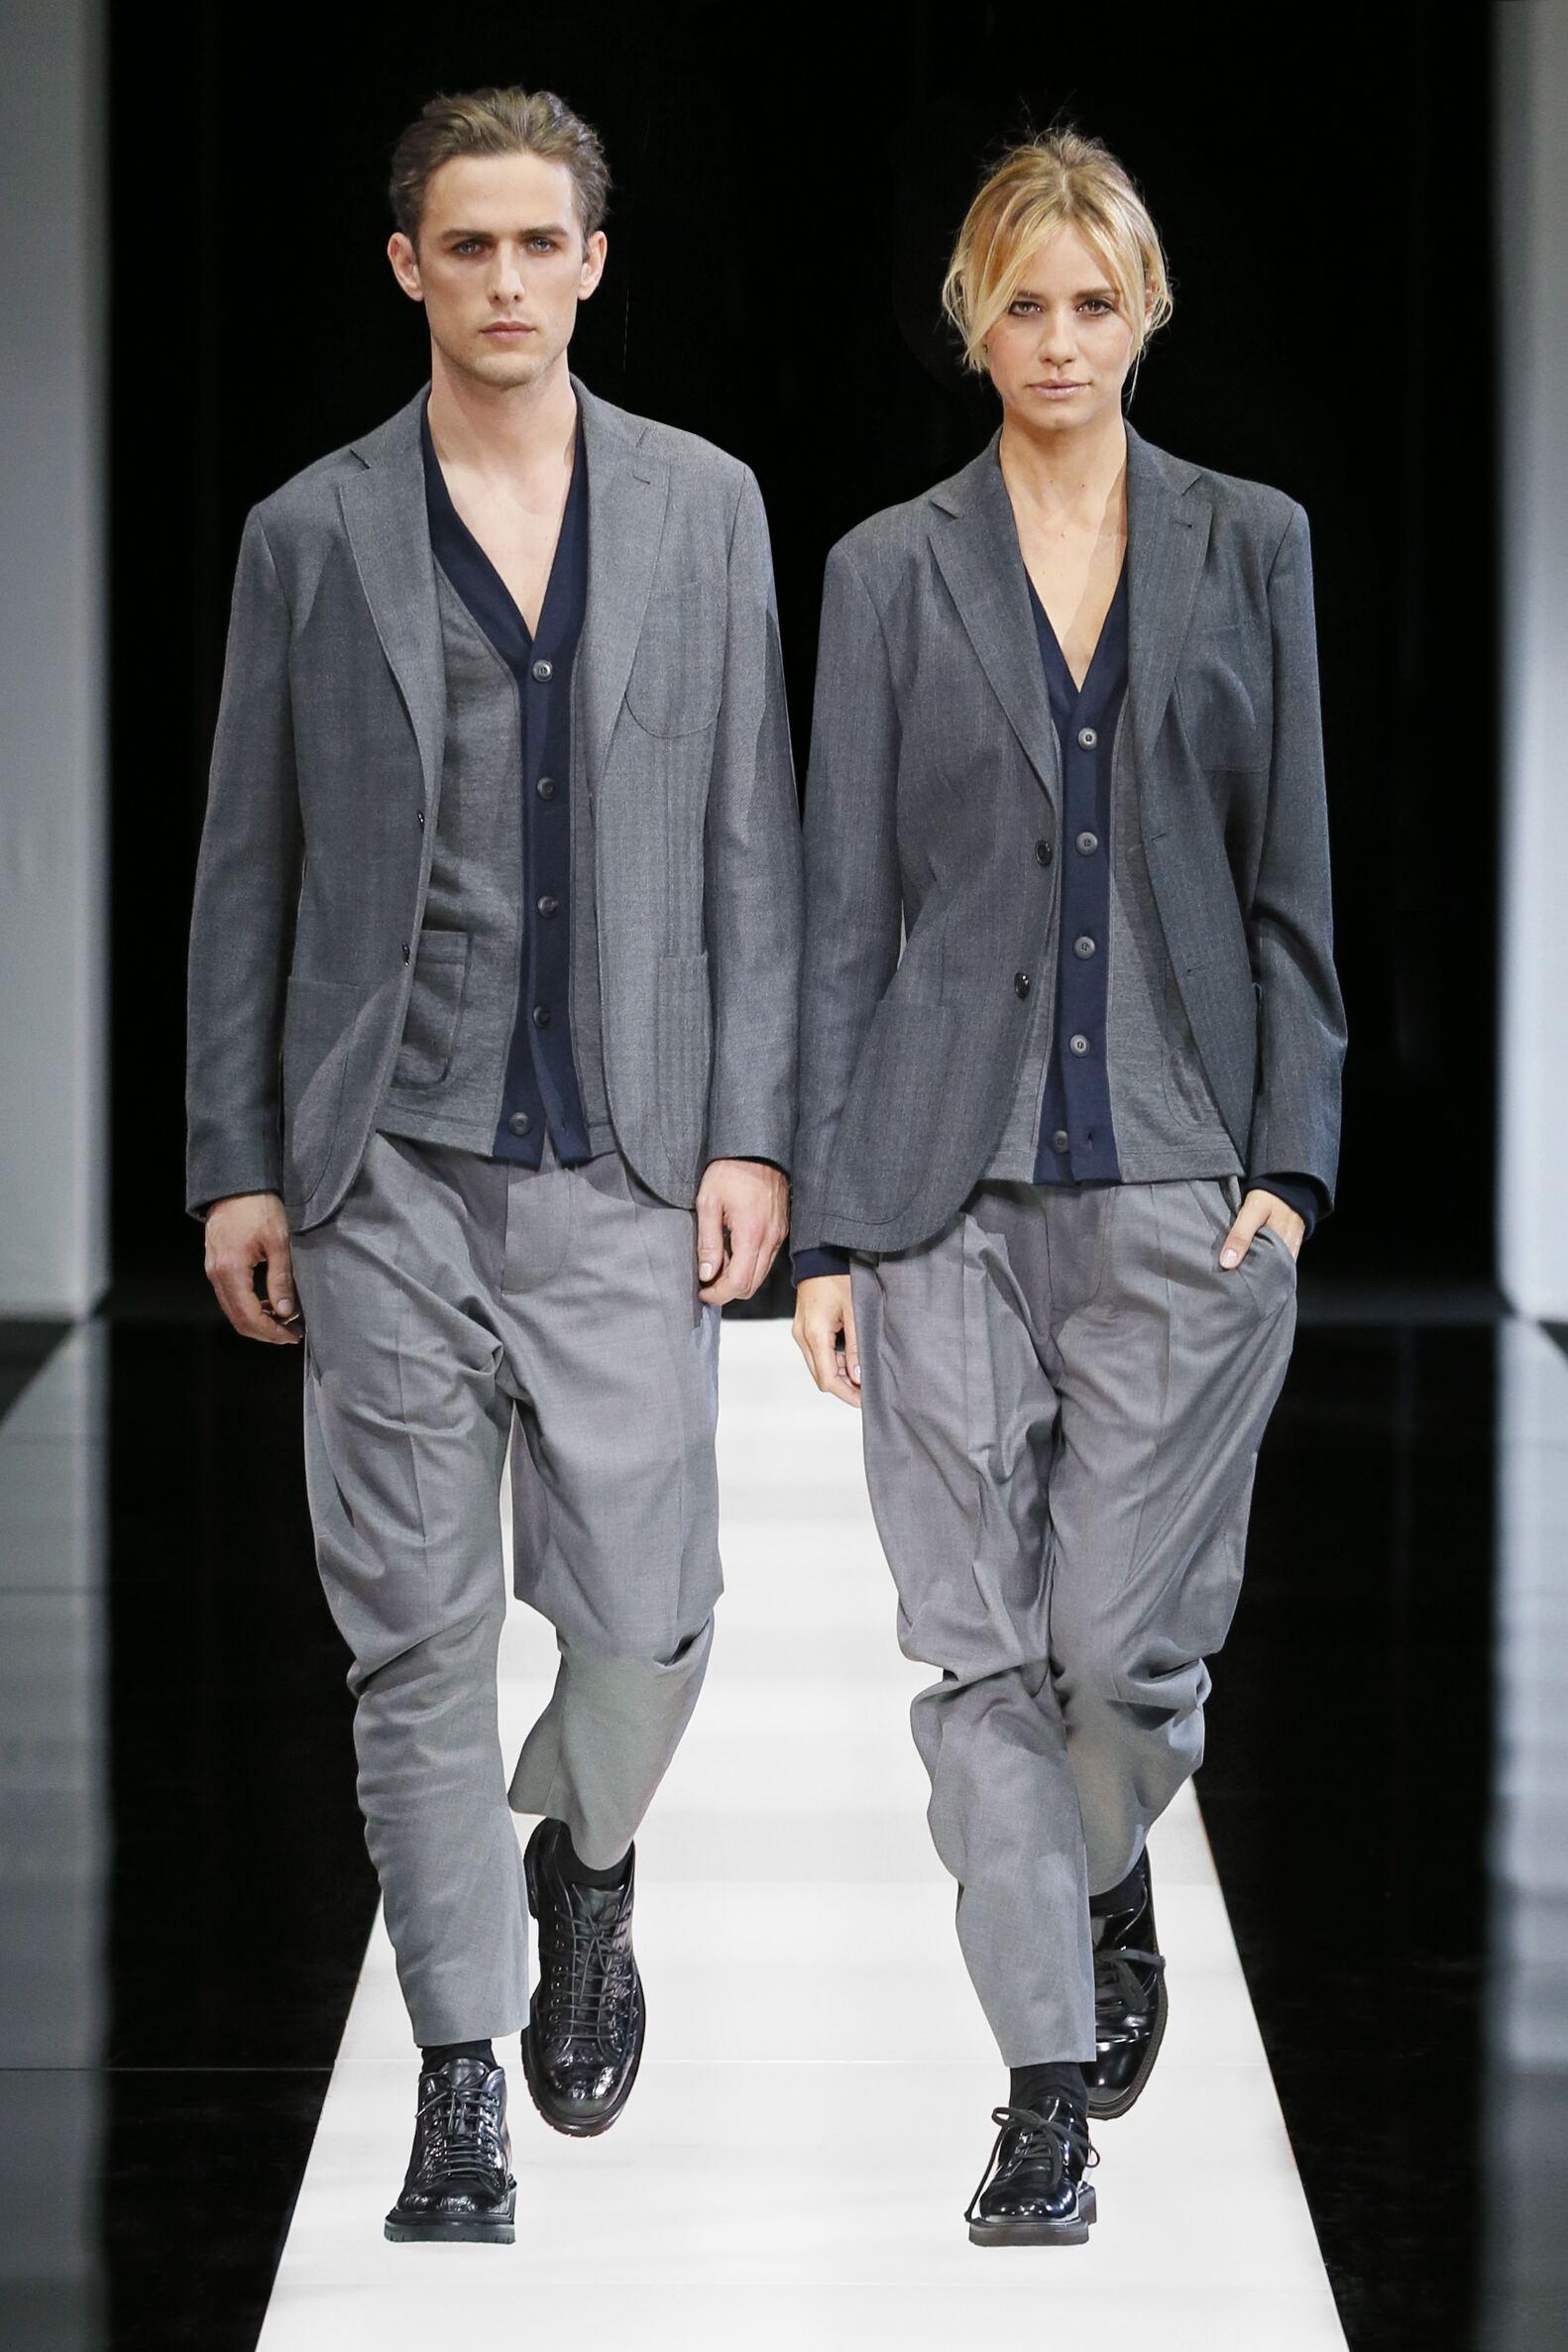 Fall 2015 Fashion Trends Giorgio Armani Collection